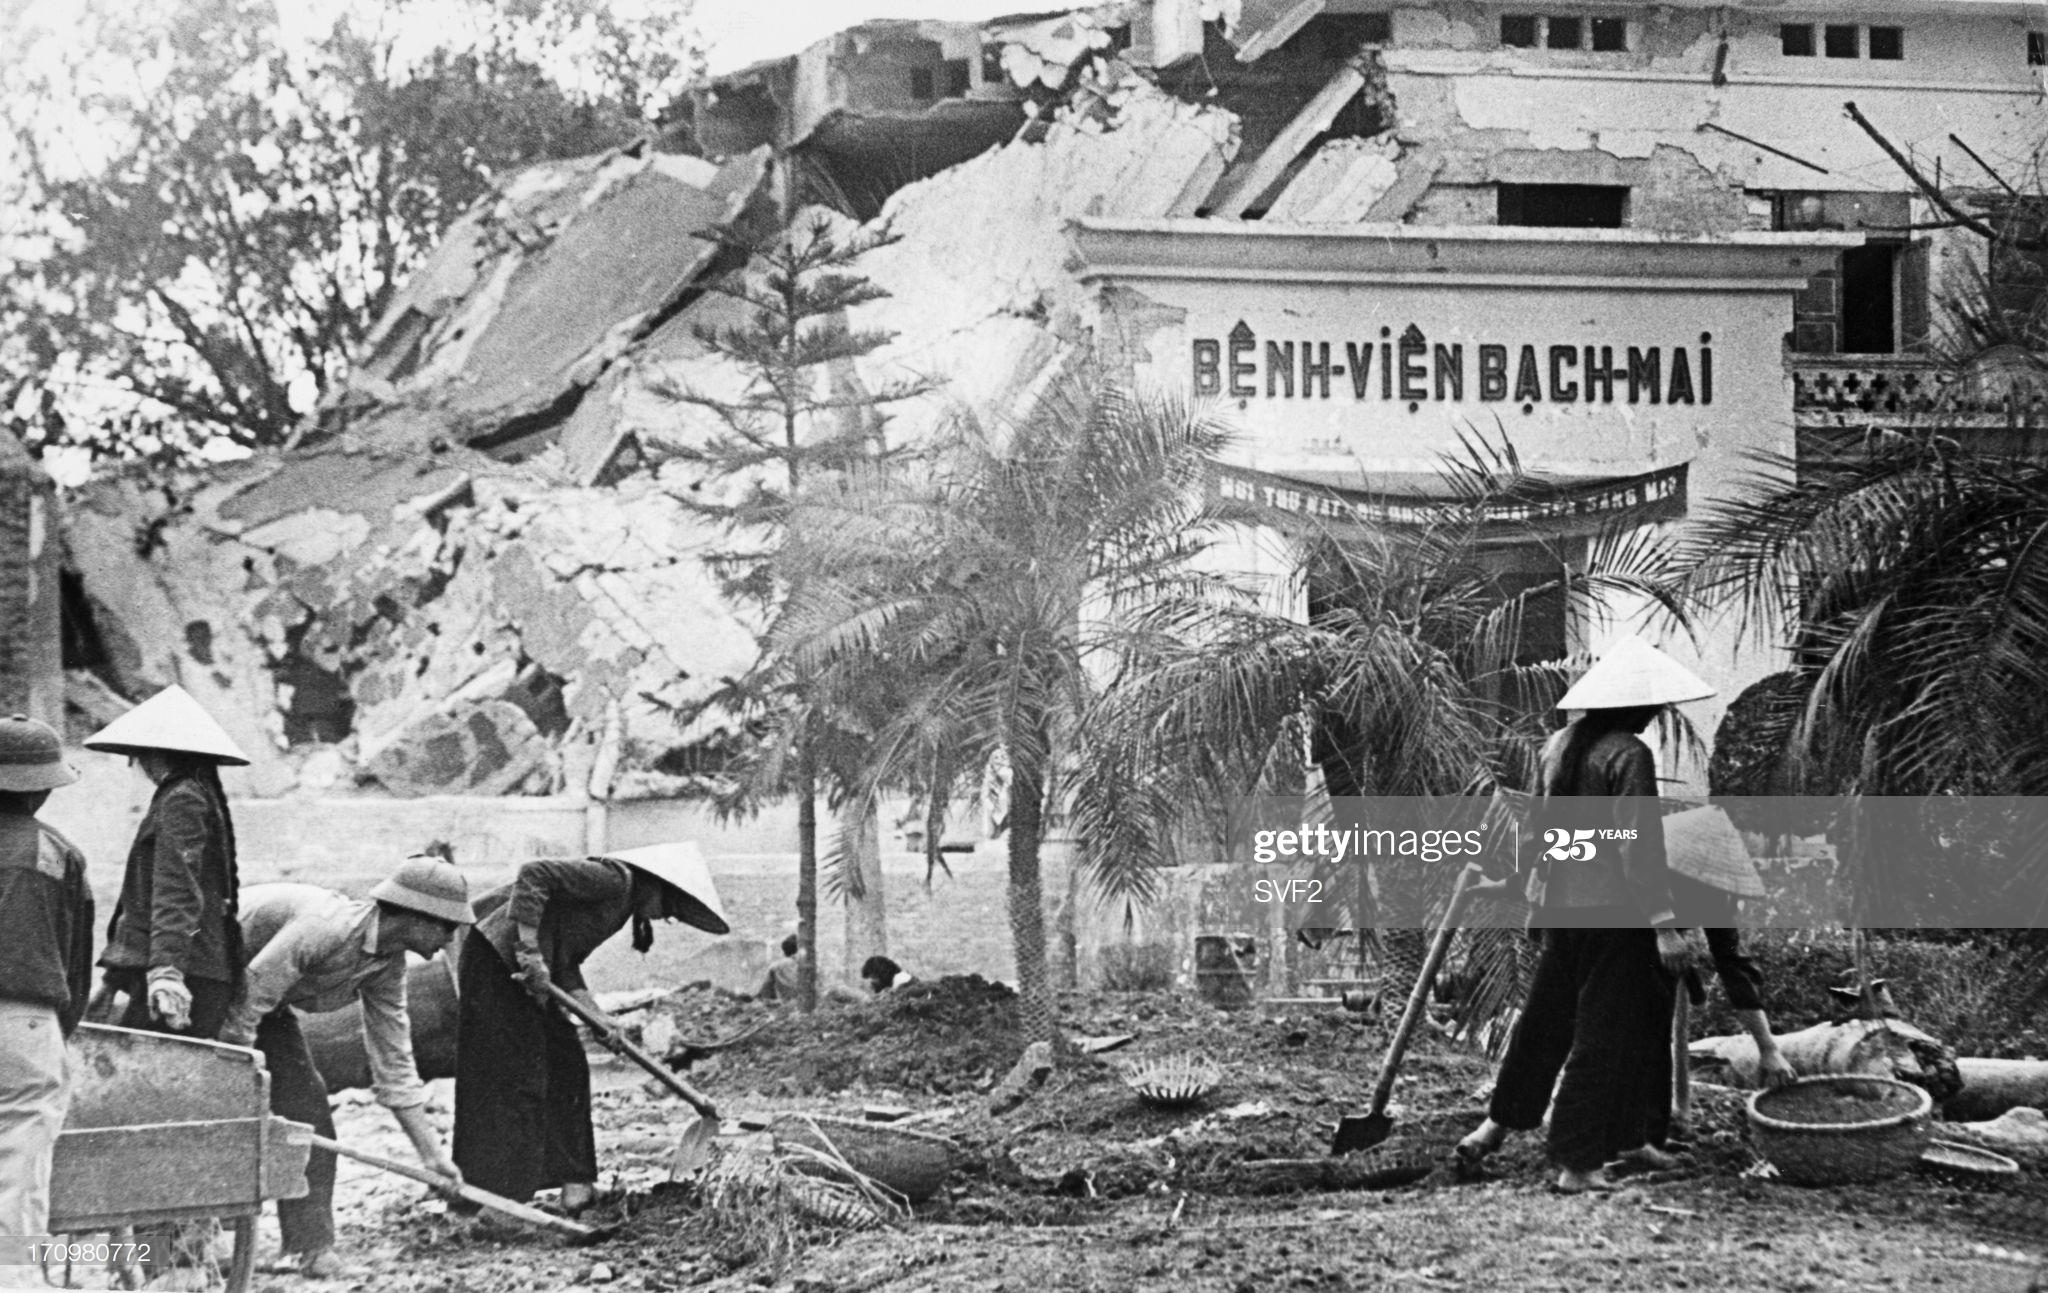 Chùm ảnh: Hà Nội kiên cường chống B-52 Mỹ tháng 12/1972